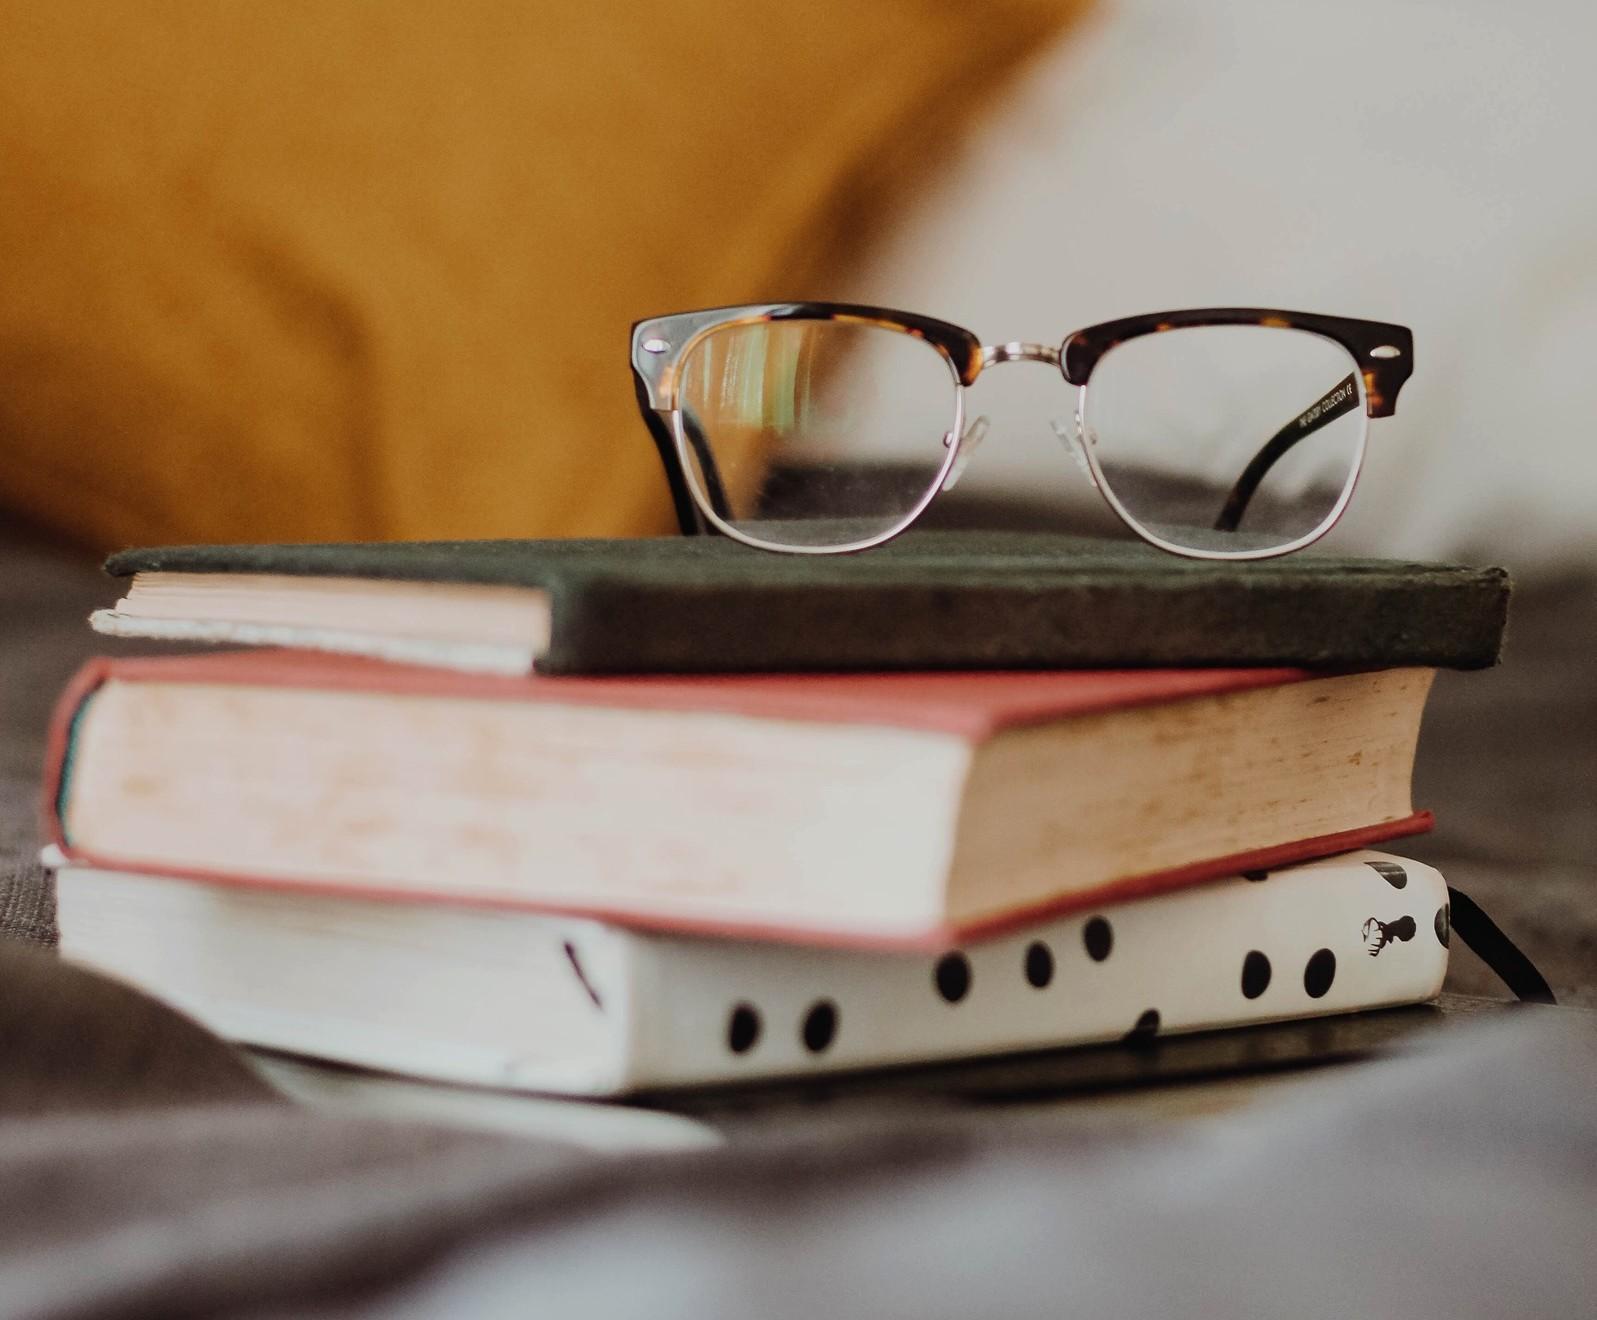 Kolme kirjaa pinossa, päällä silmälasit ja taustalla tyyny.